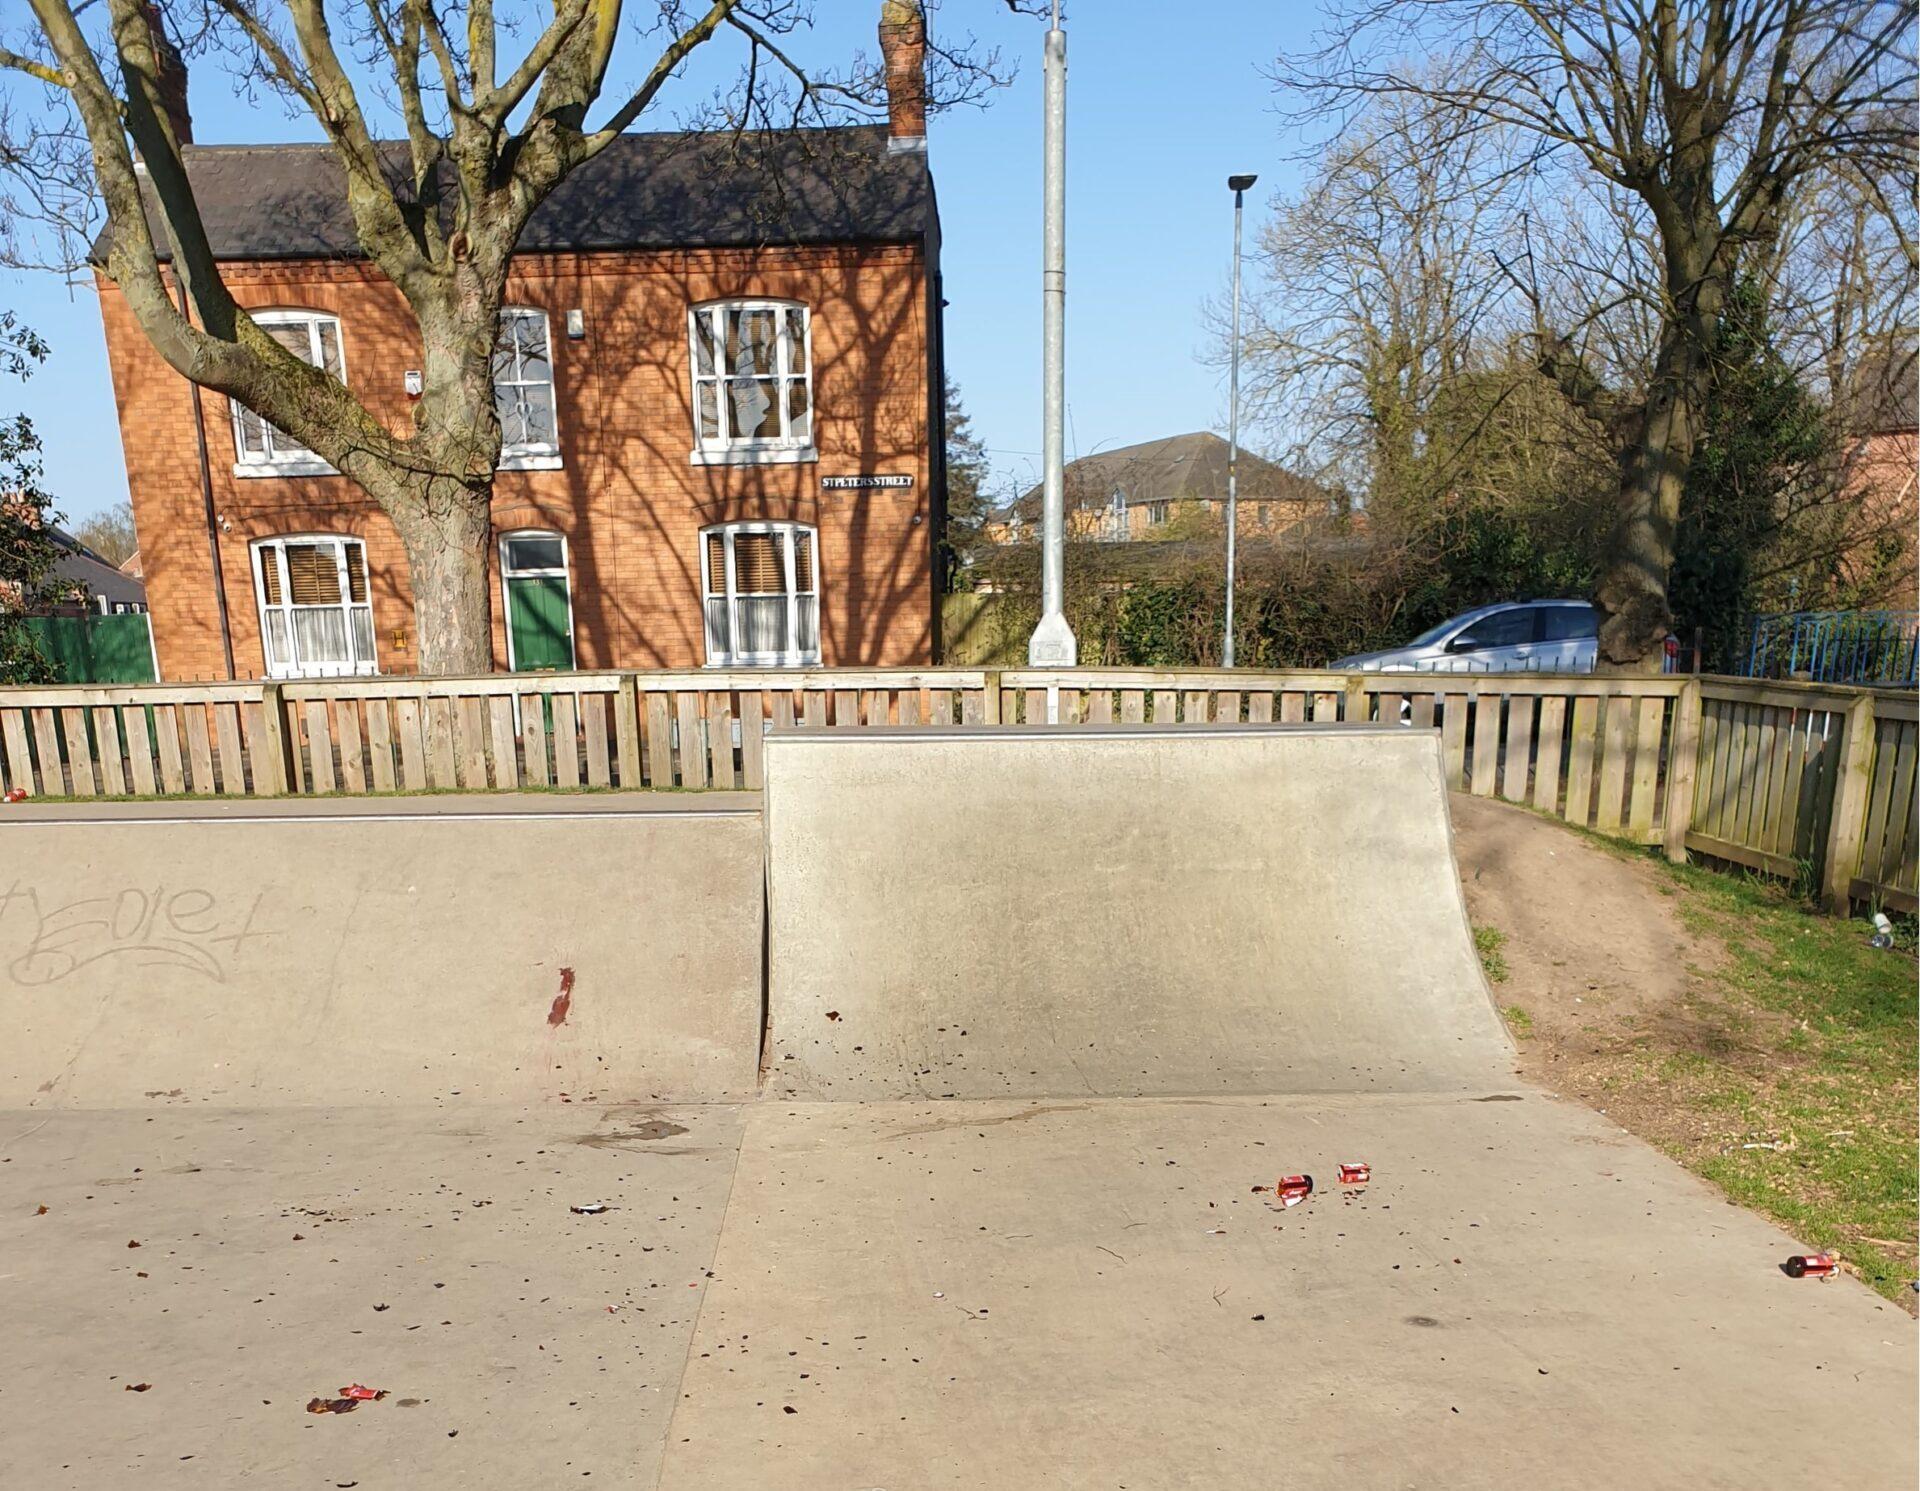 Skate-Park-6-scaled-e1619528300735